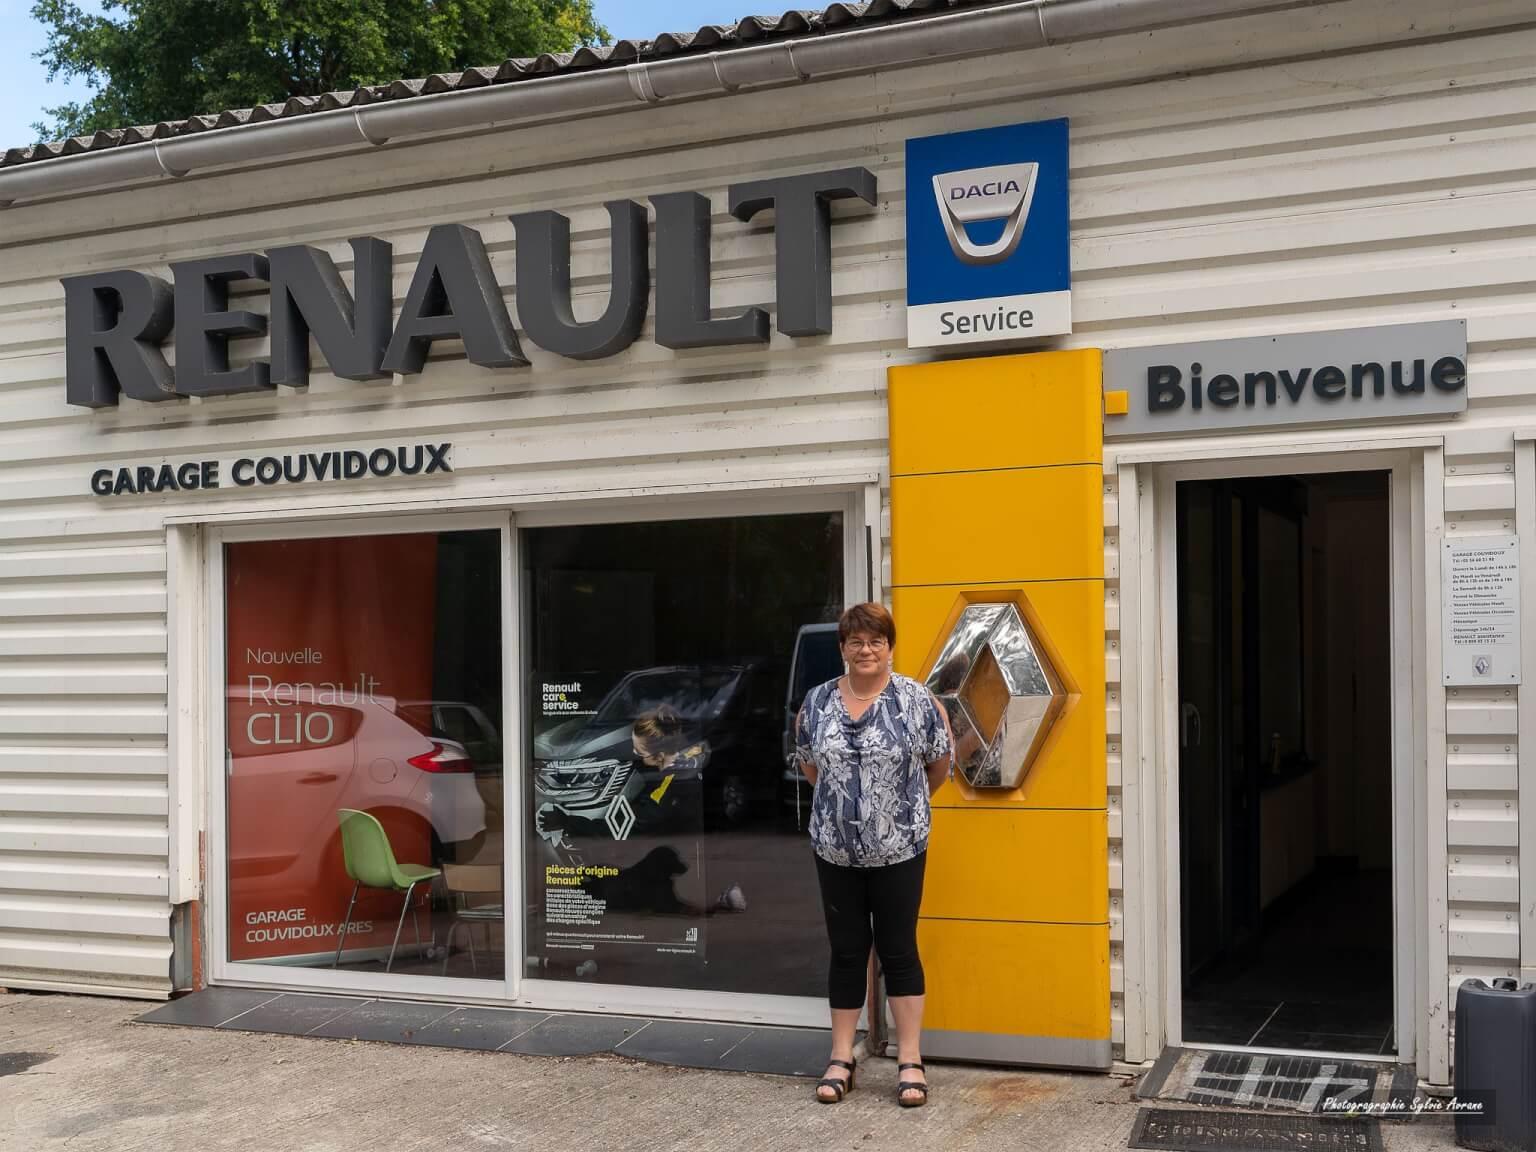 Garage Couvidoux